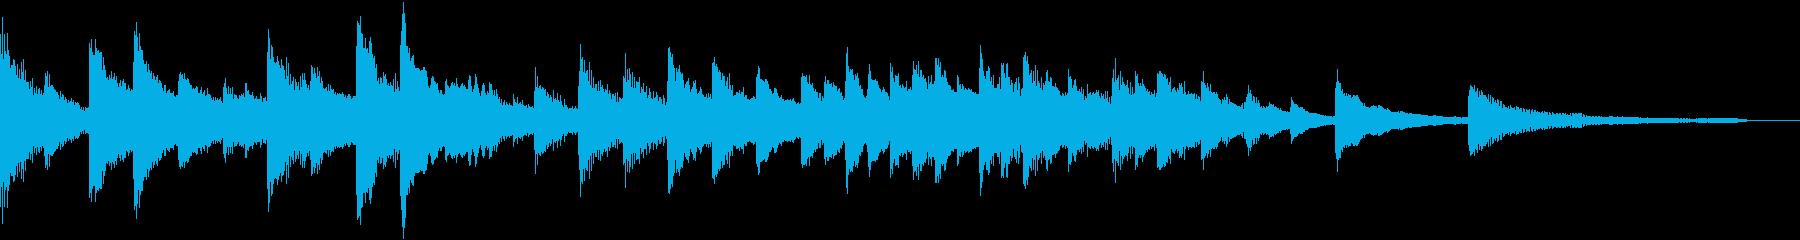 マリアをイメージした教会風ピアノジングルの再生済みの波形